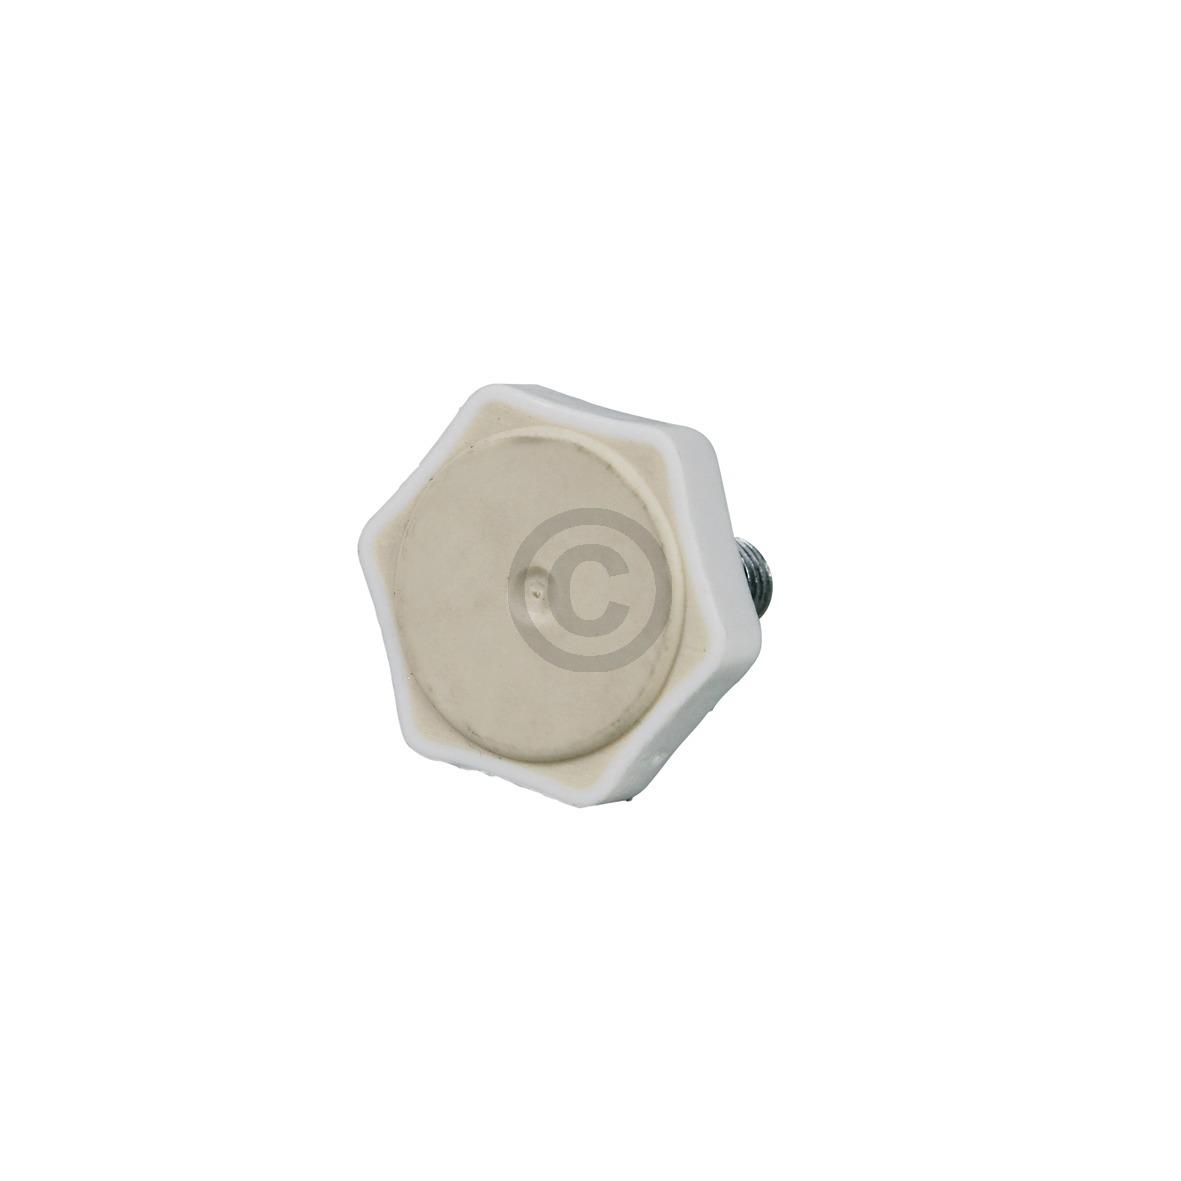 Gerätefuss M8 Gewinde, verstellbar vorne 481246248054 Bauknecht, Whirlpool, Ikea